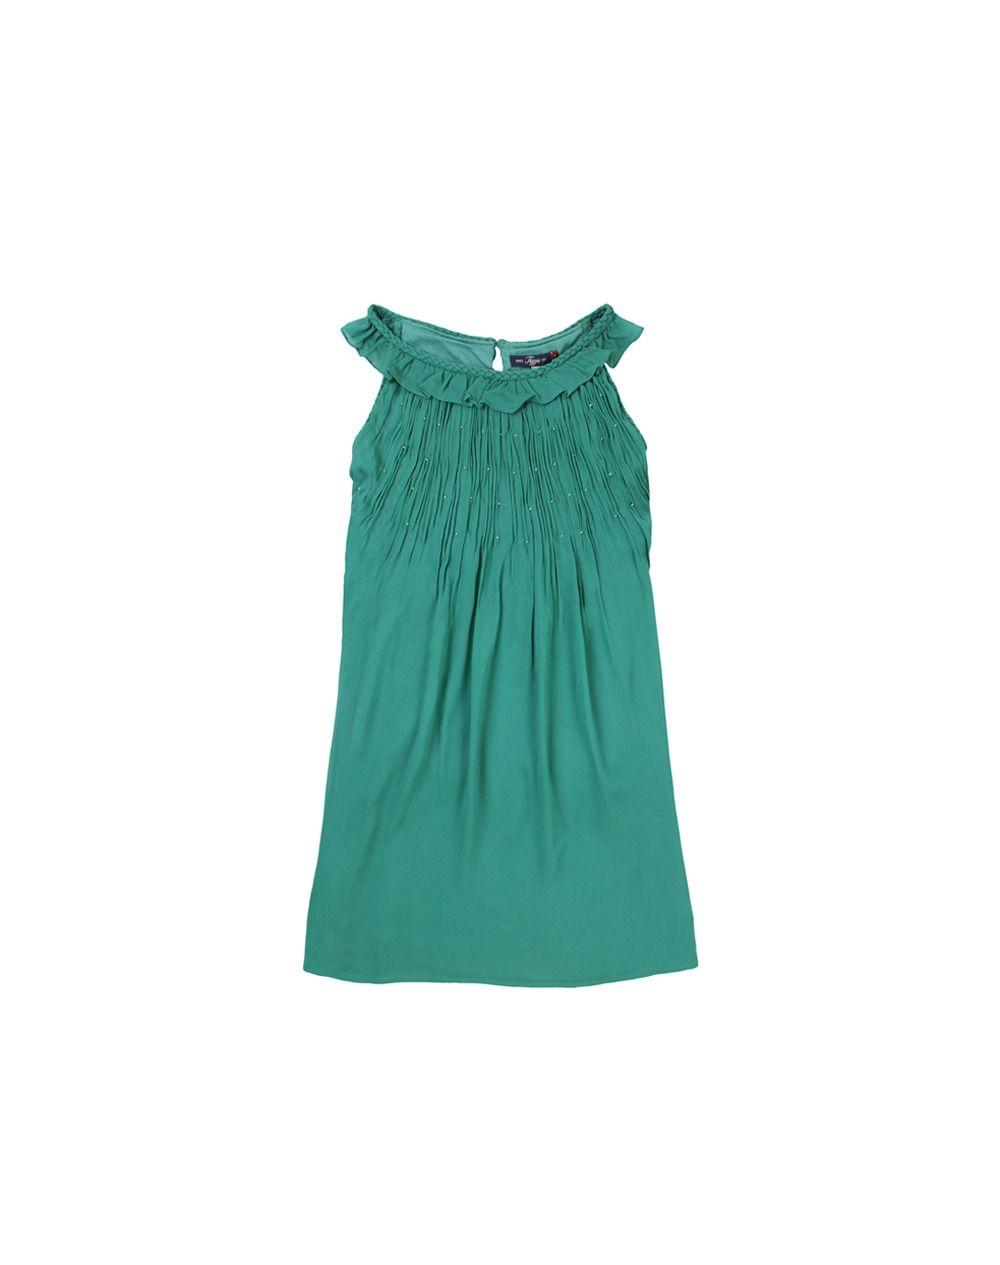 Vestido de niña Tizzas - Niña - Vestidos - El Corte Inglés - Moda